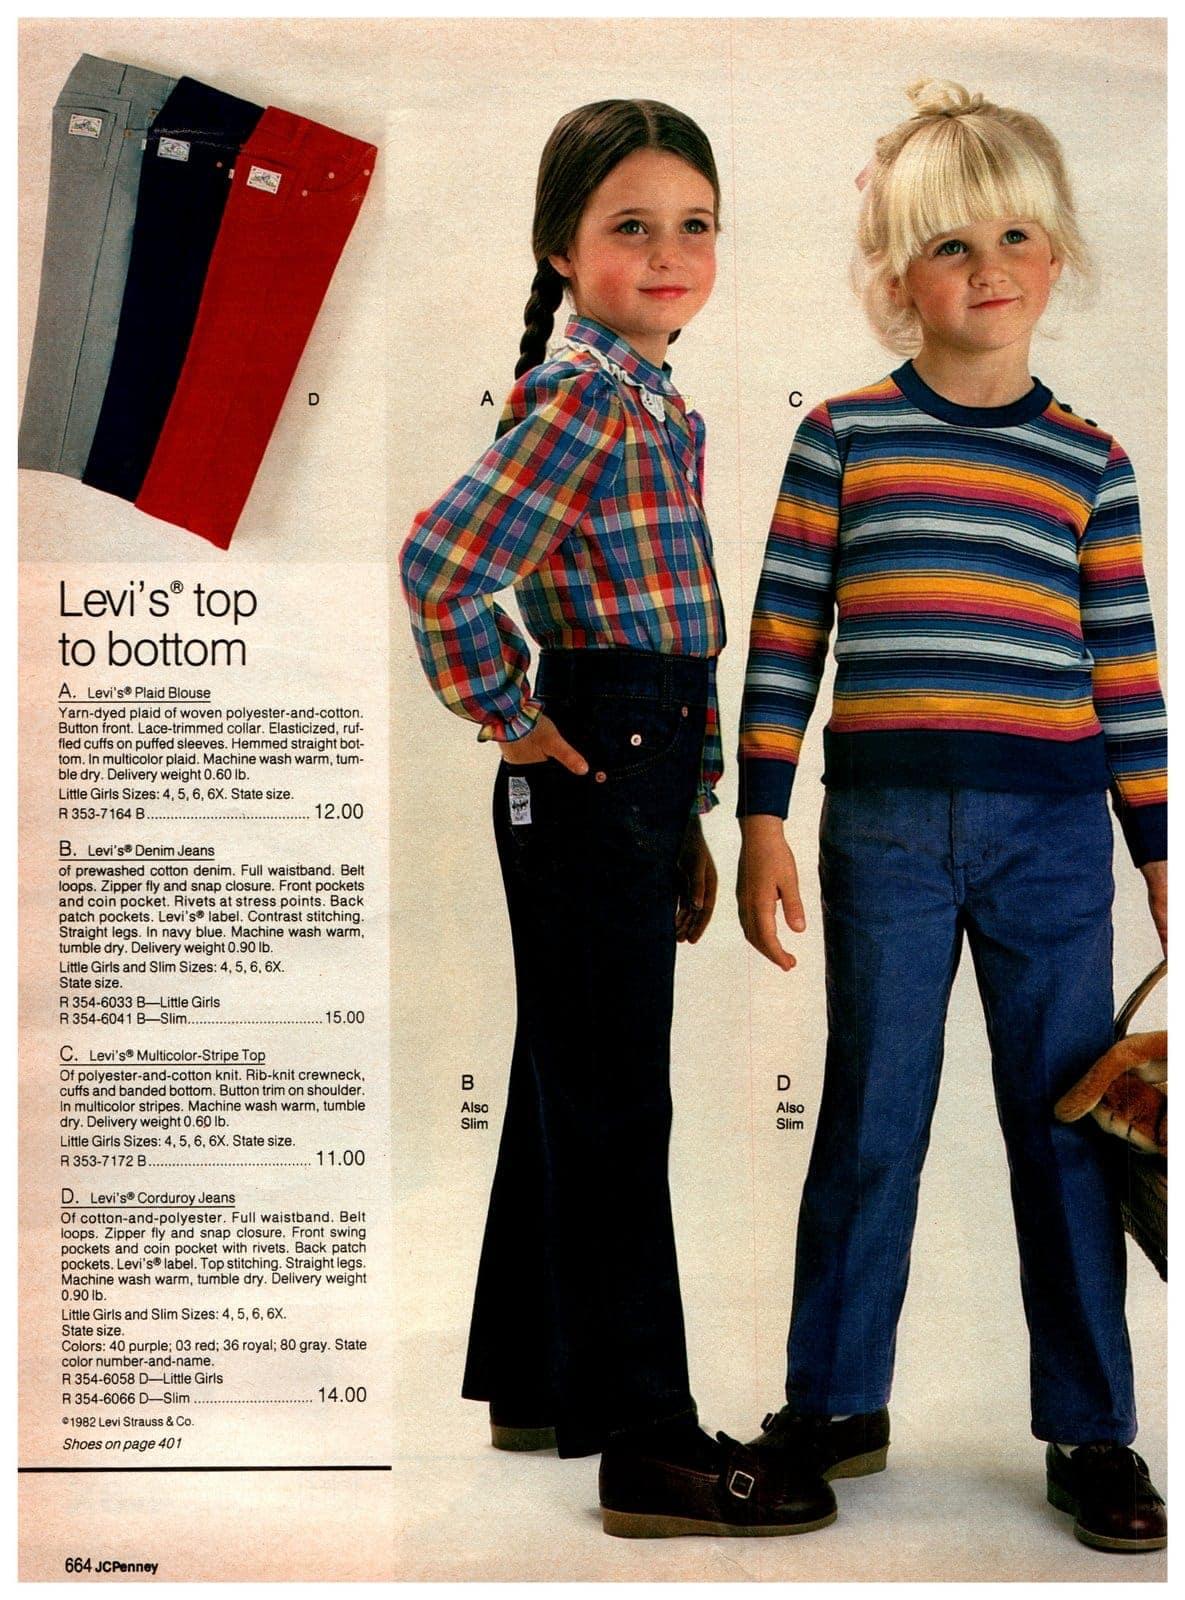 Vintage Levi's clothing for little kids - plaid blouses, denim jeans, striped tops - plus corduroy jeans